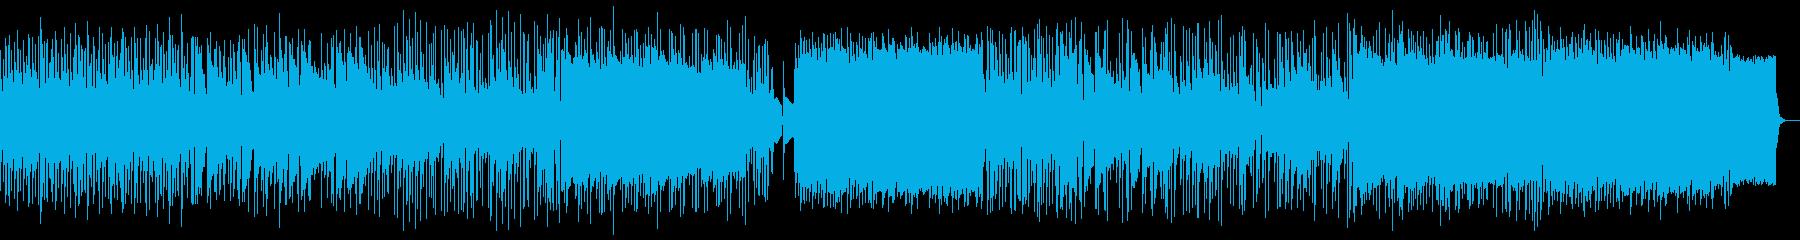 屋根裏部屋イメージ:米フォーク風スロー曲の再生済みの波形